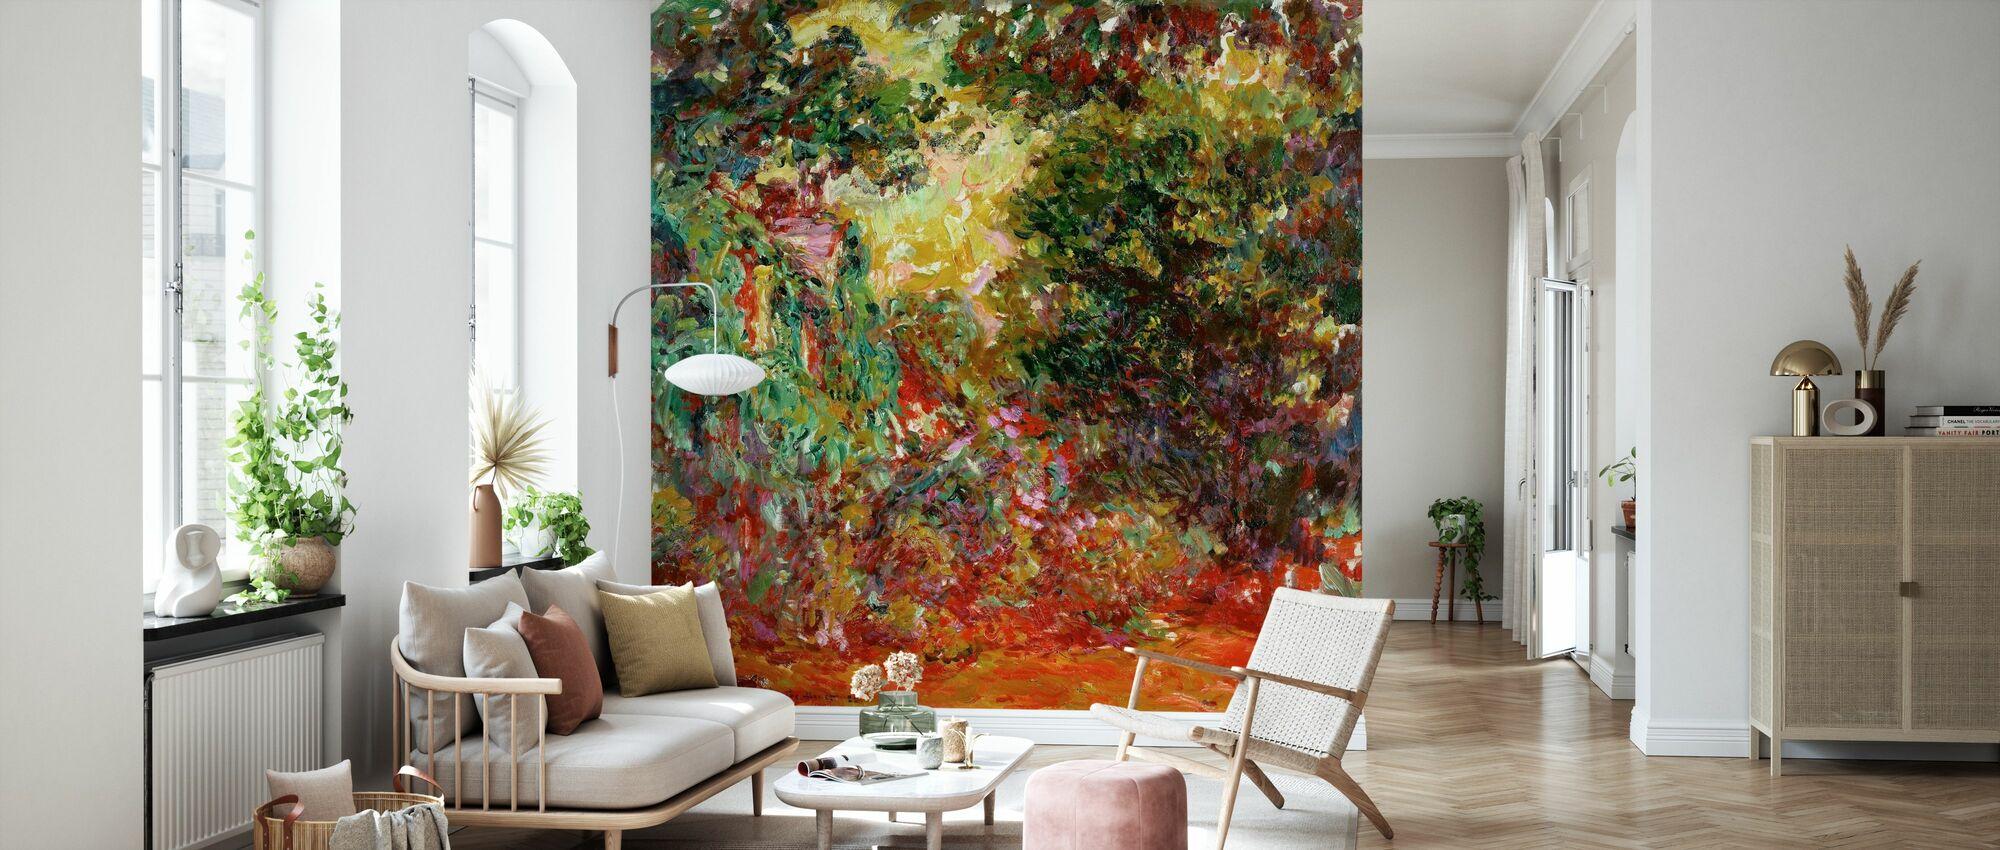 Rose hage - Claude Monet - Tapet - Stue